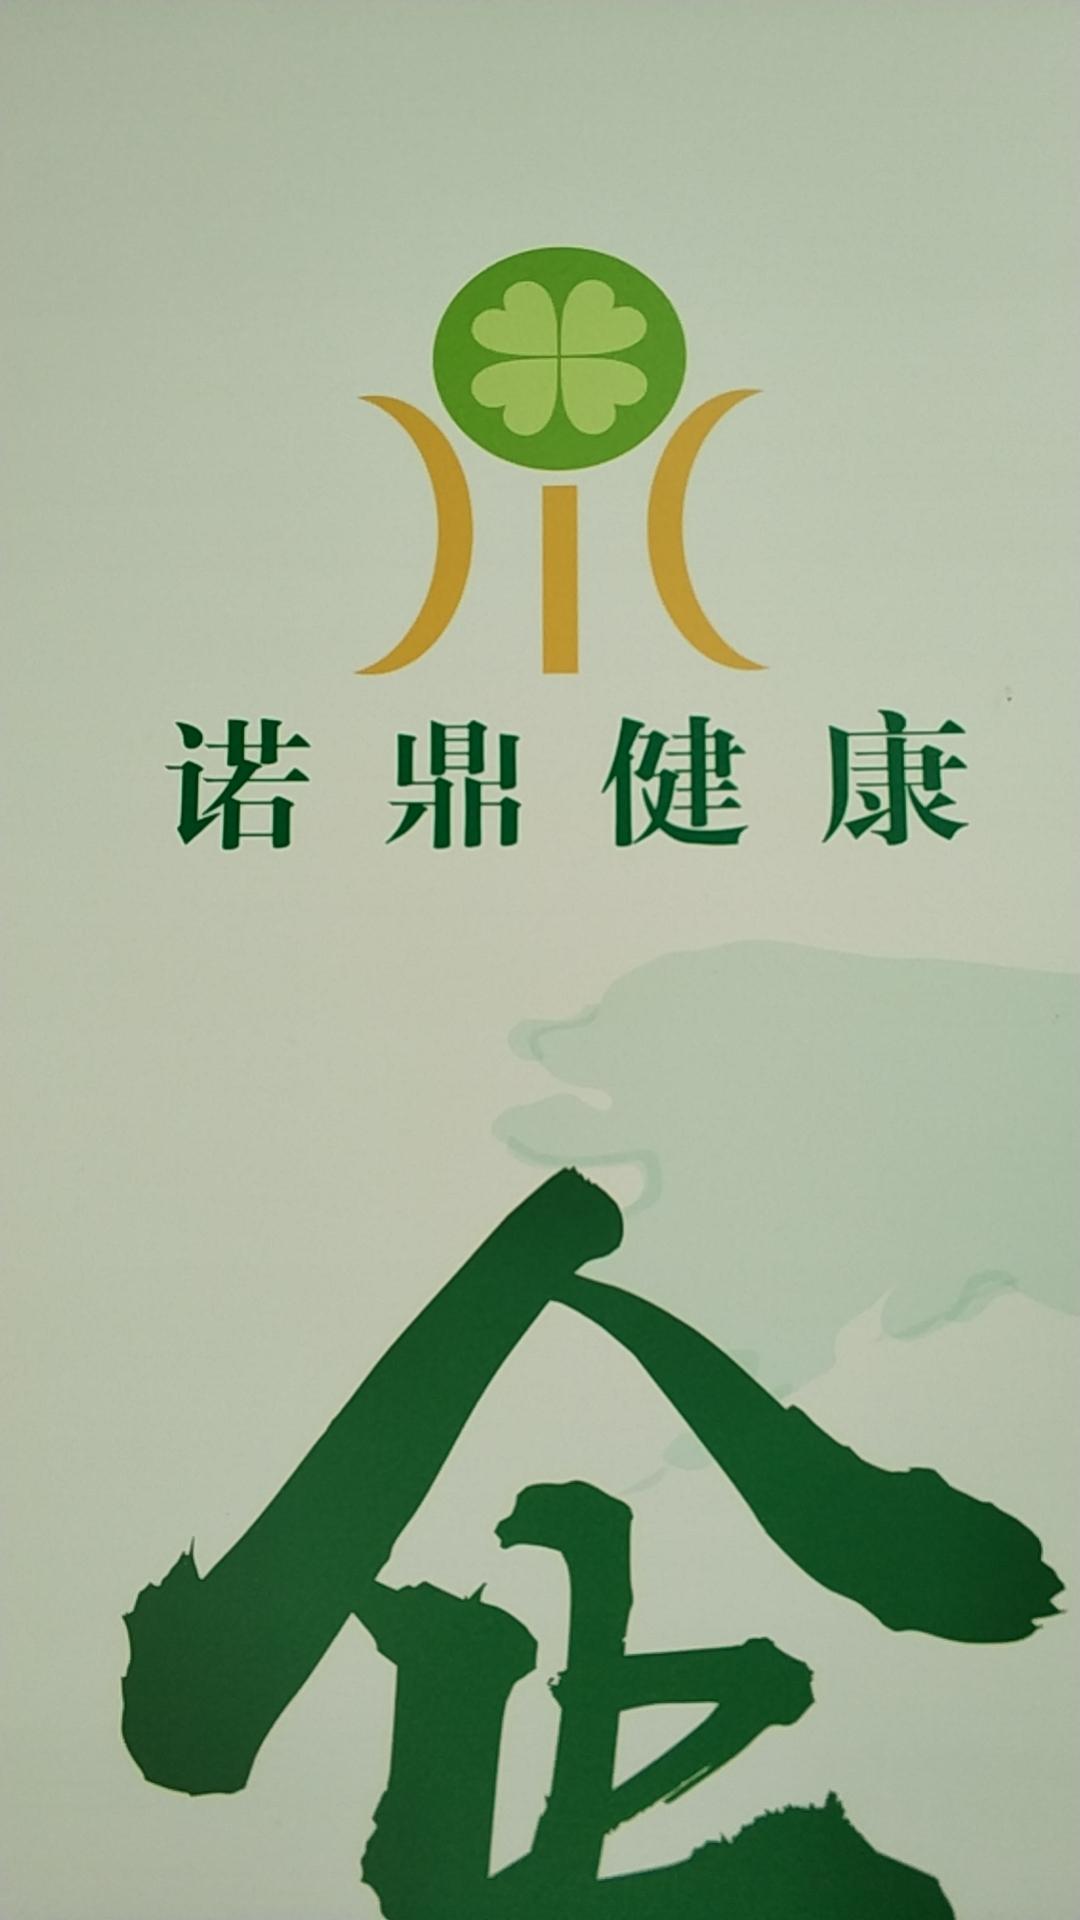 韶关市诺鼎健康信息咨询有限公司的企业标志